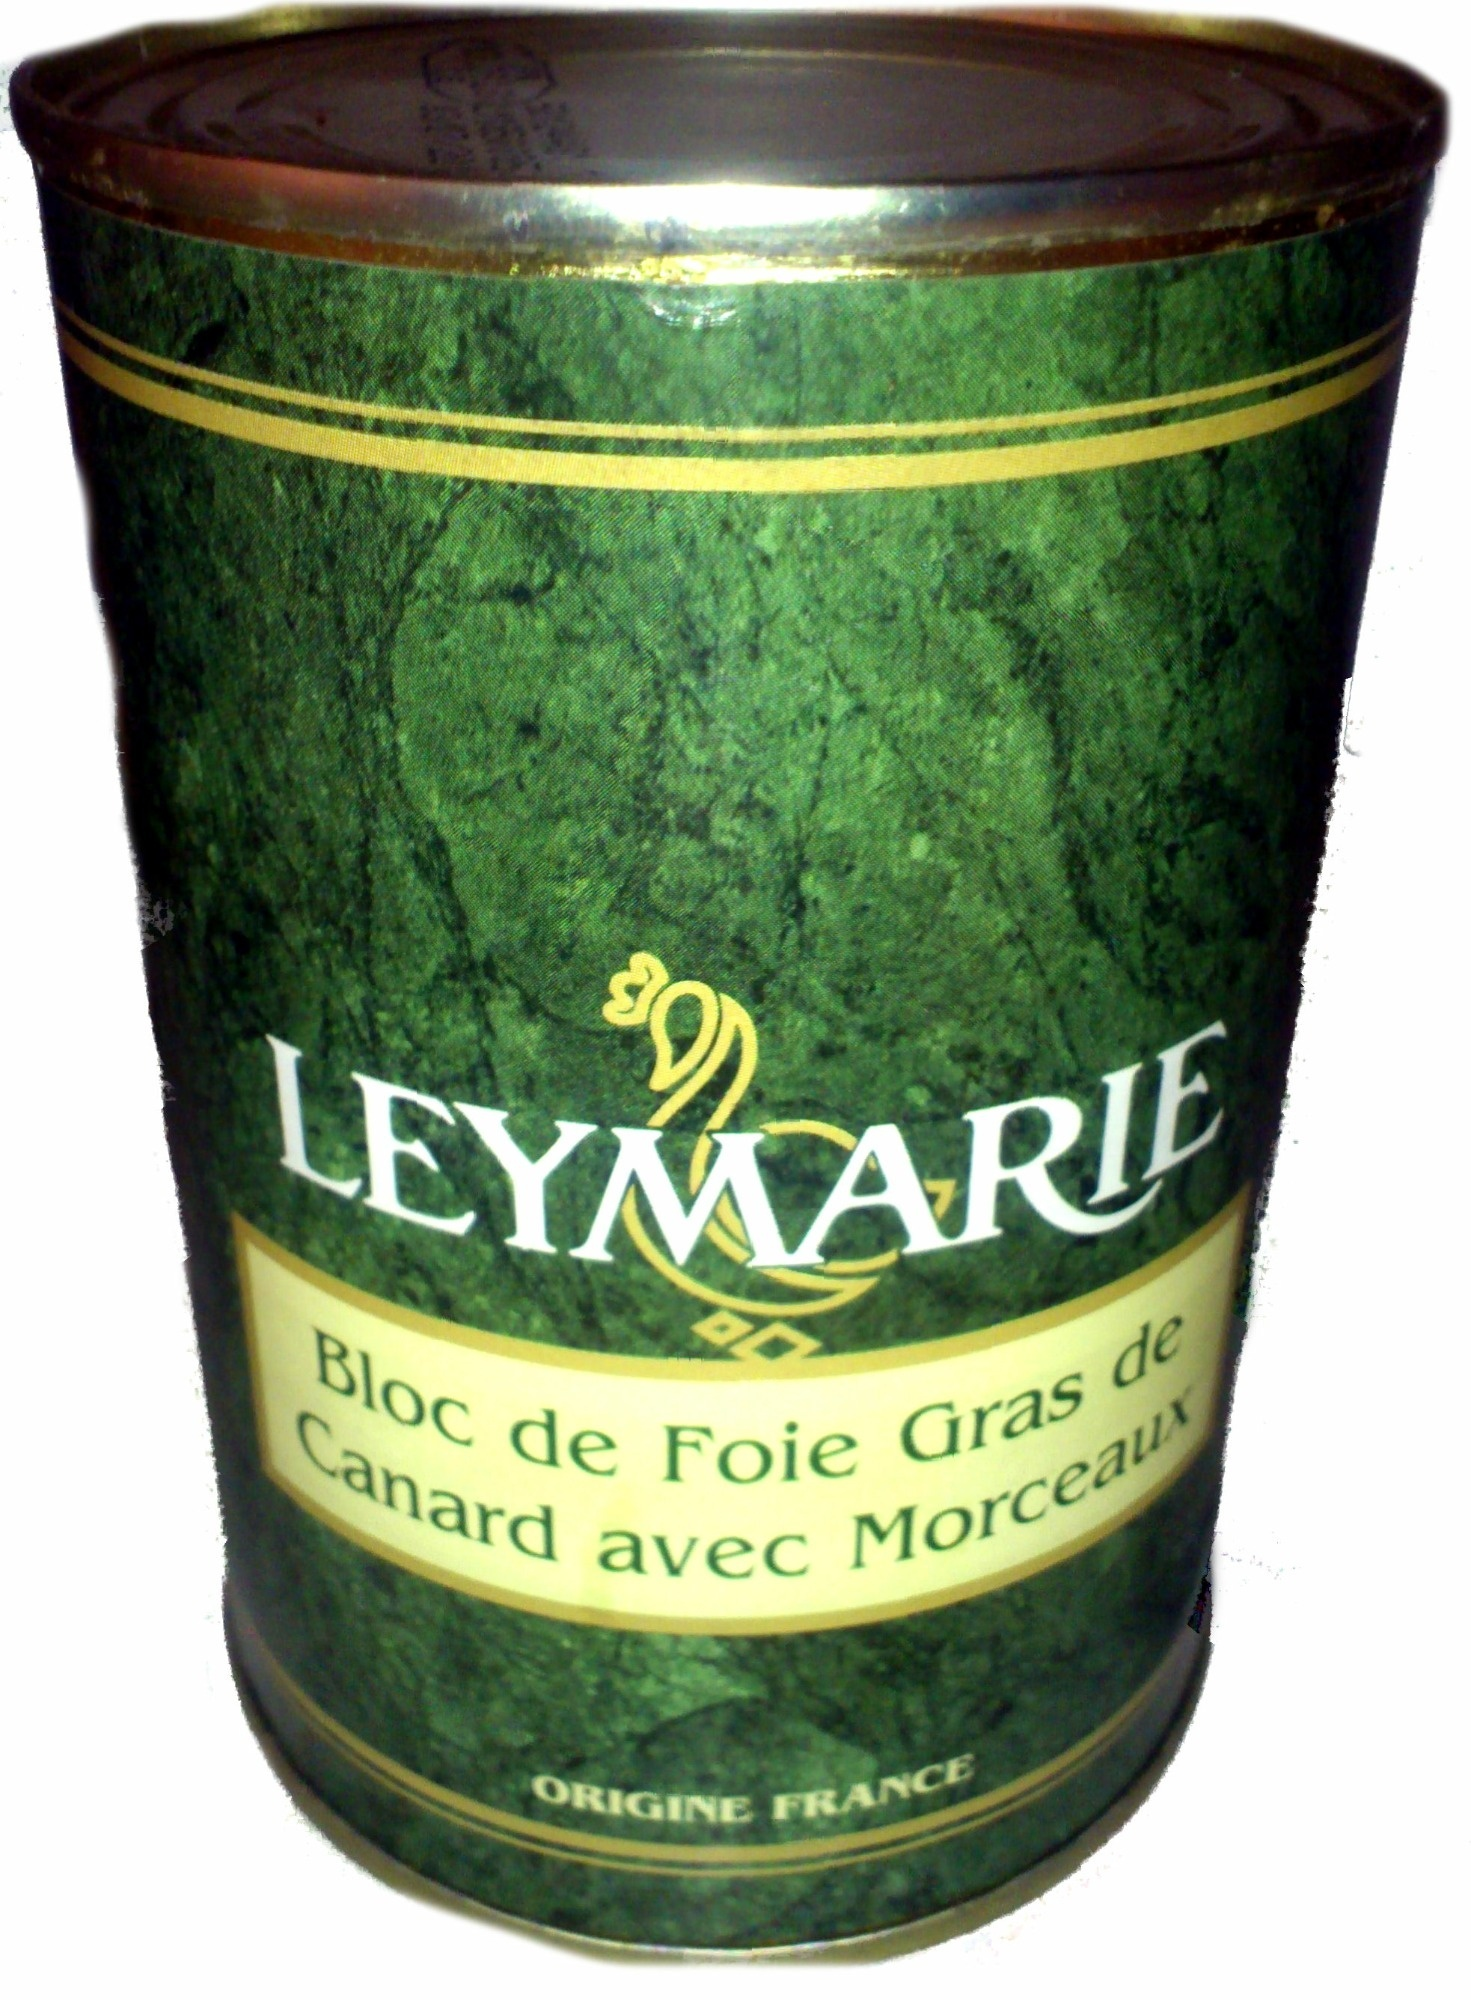 Foie gras Leymarie - Produit - fr